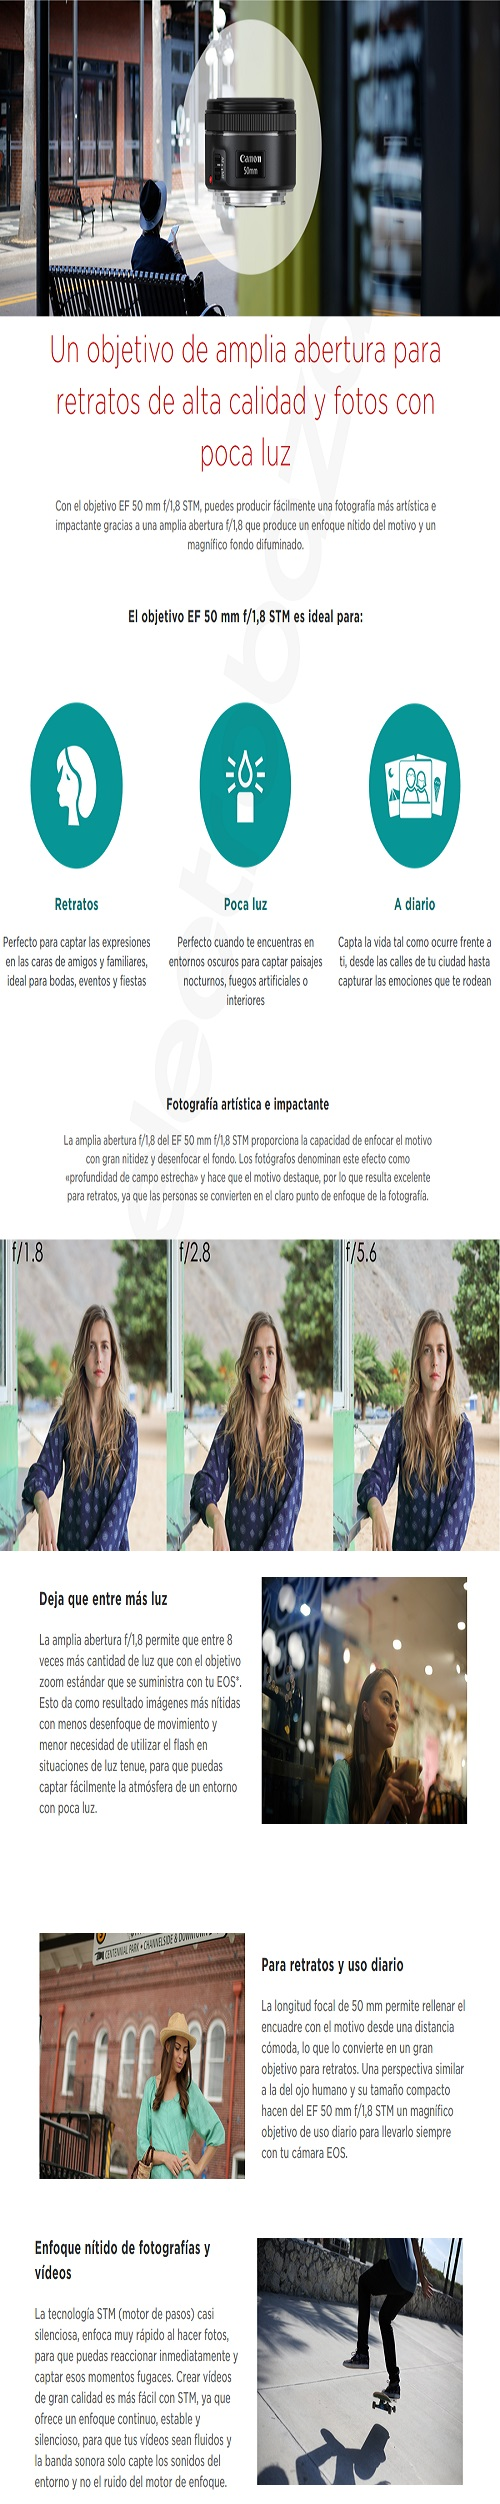 Excepcional Encuadre De Uñas Imágenes - Ideas Personalizadas de ...